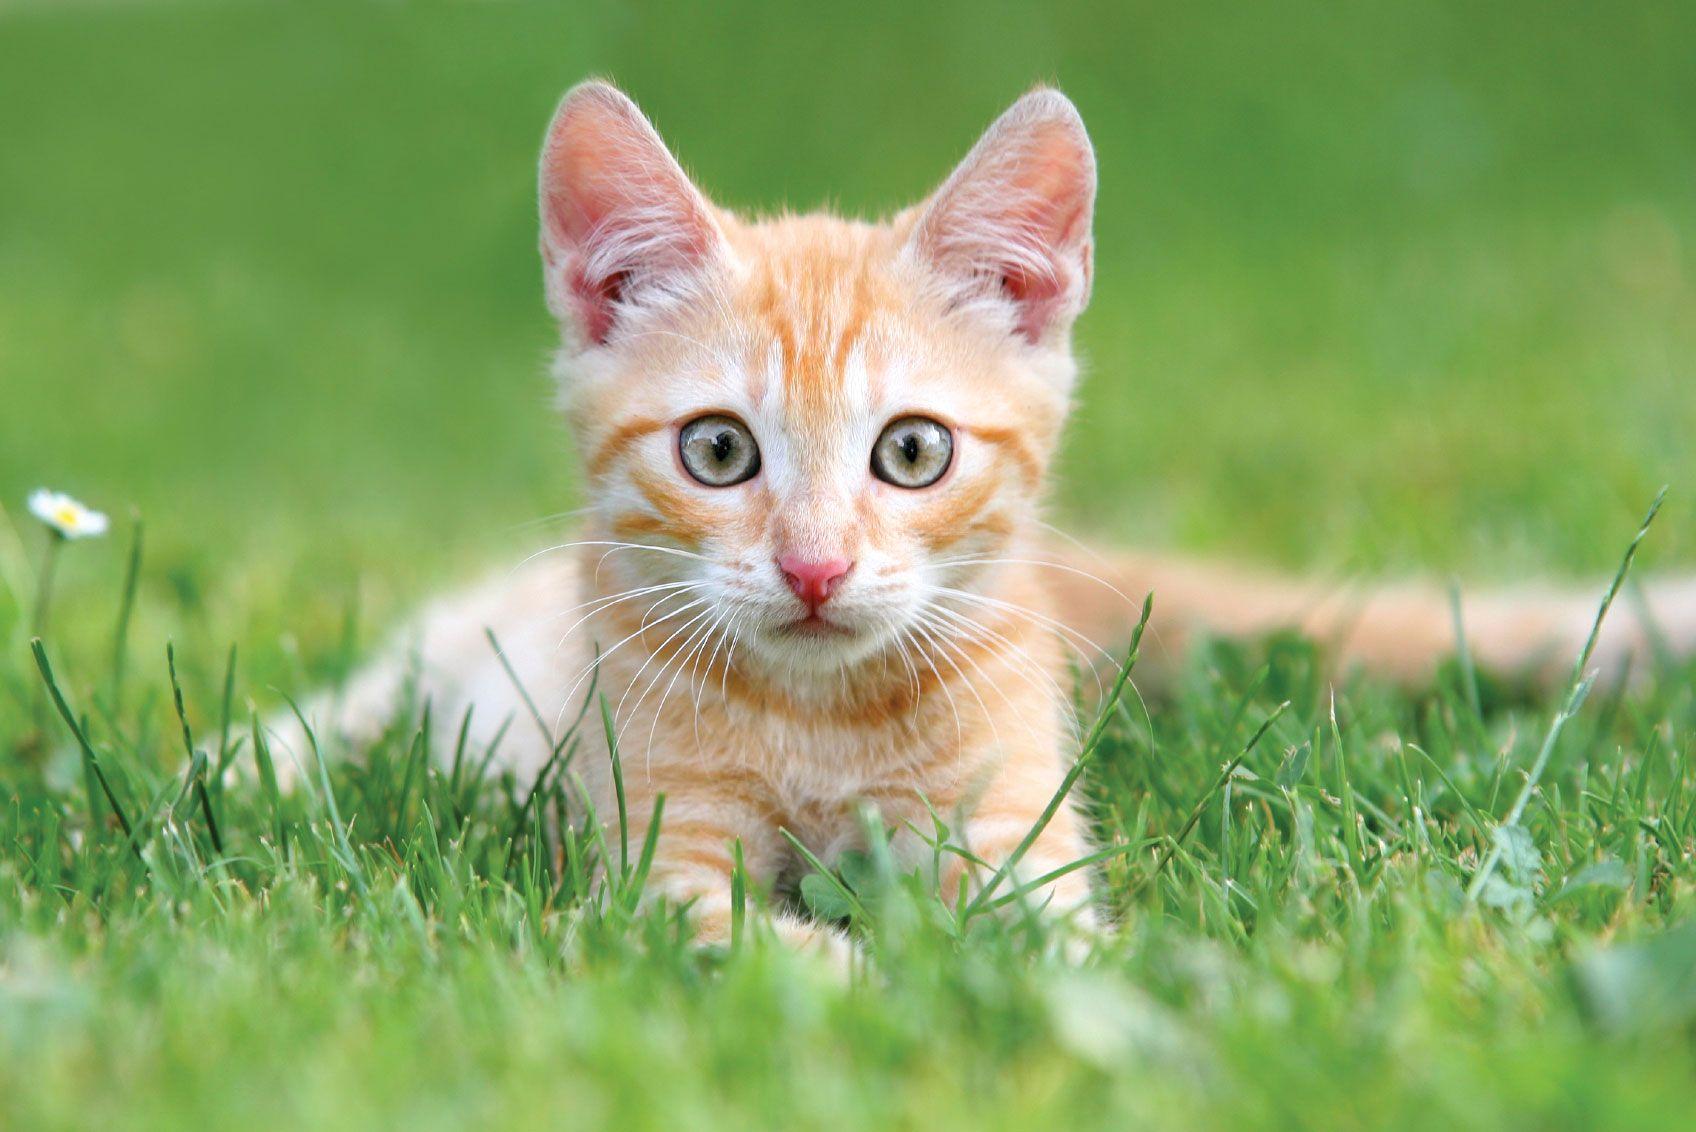 10 Reasons To Adopt A Cat Houston Pettalk Cat Neutering Pet Kitten Orange Kittens